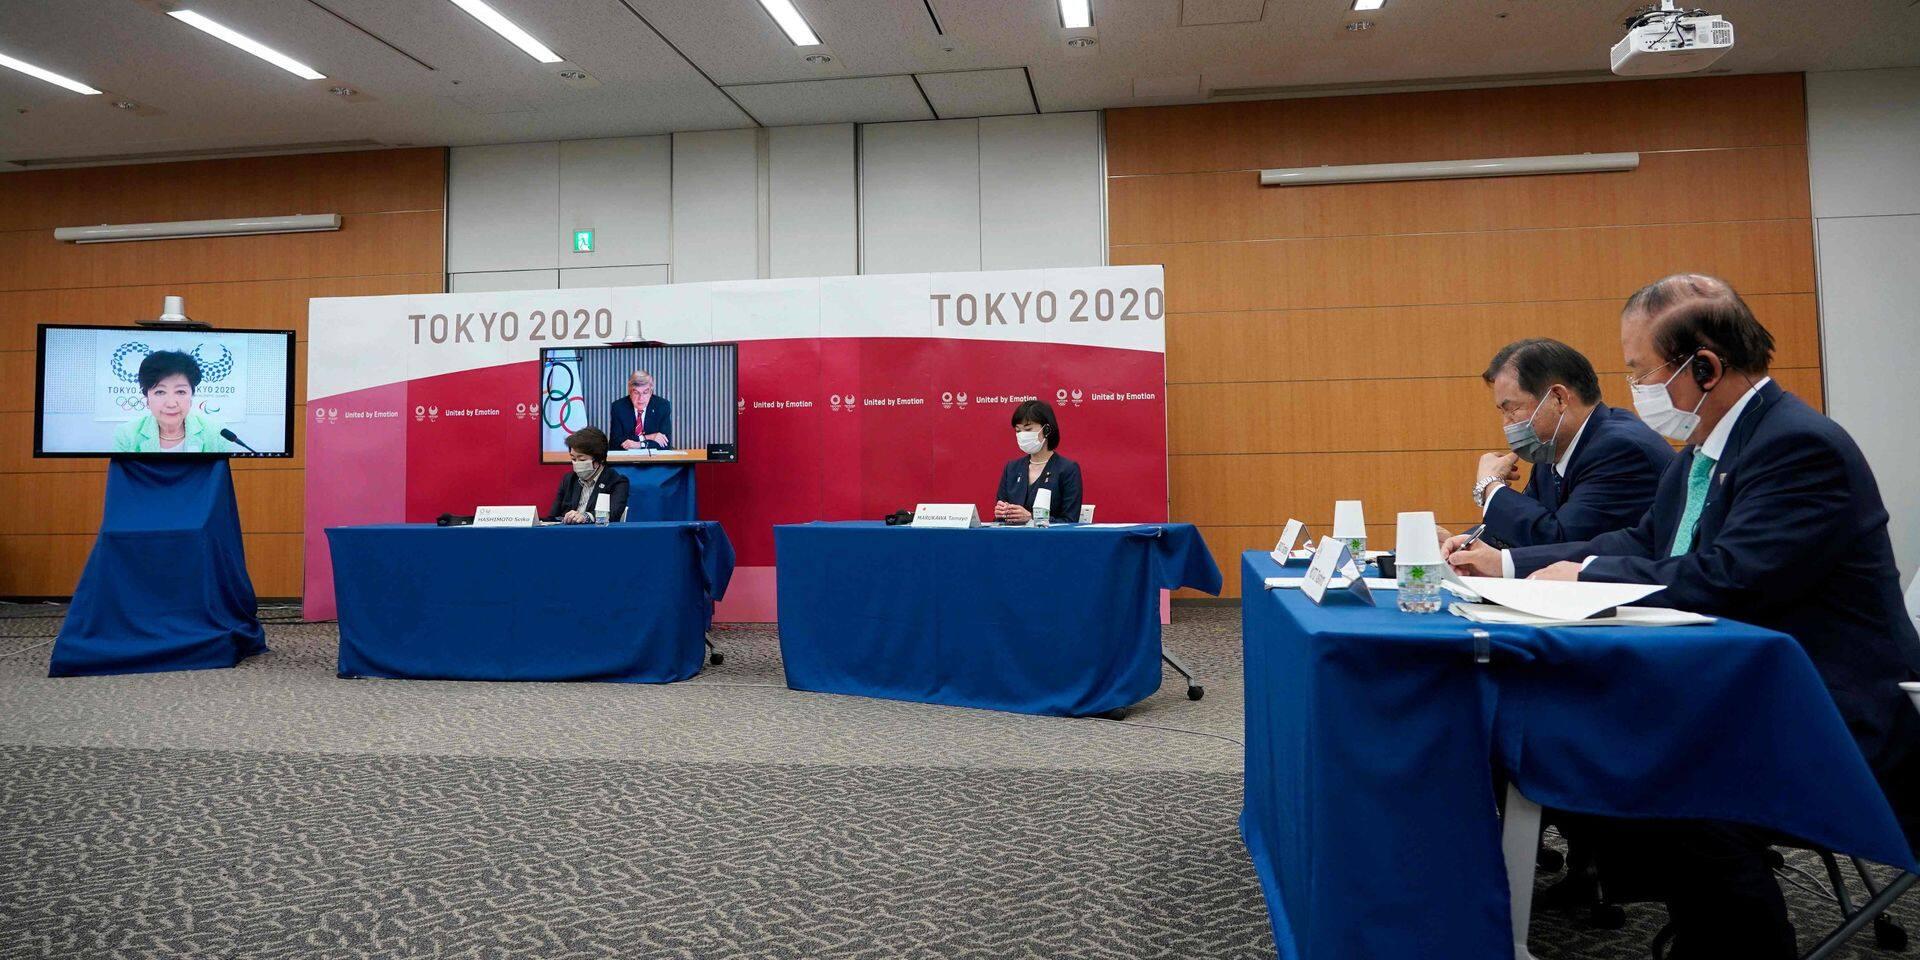 Jeux de Tokyo 2020: Incertitude sur la présence du public, des tests tous les jours pour les sportifs